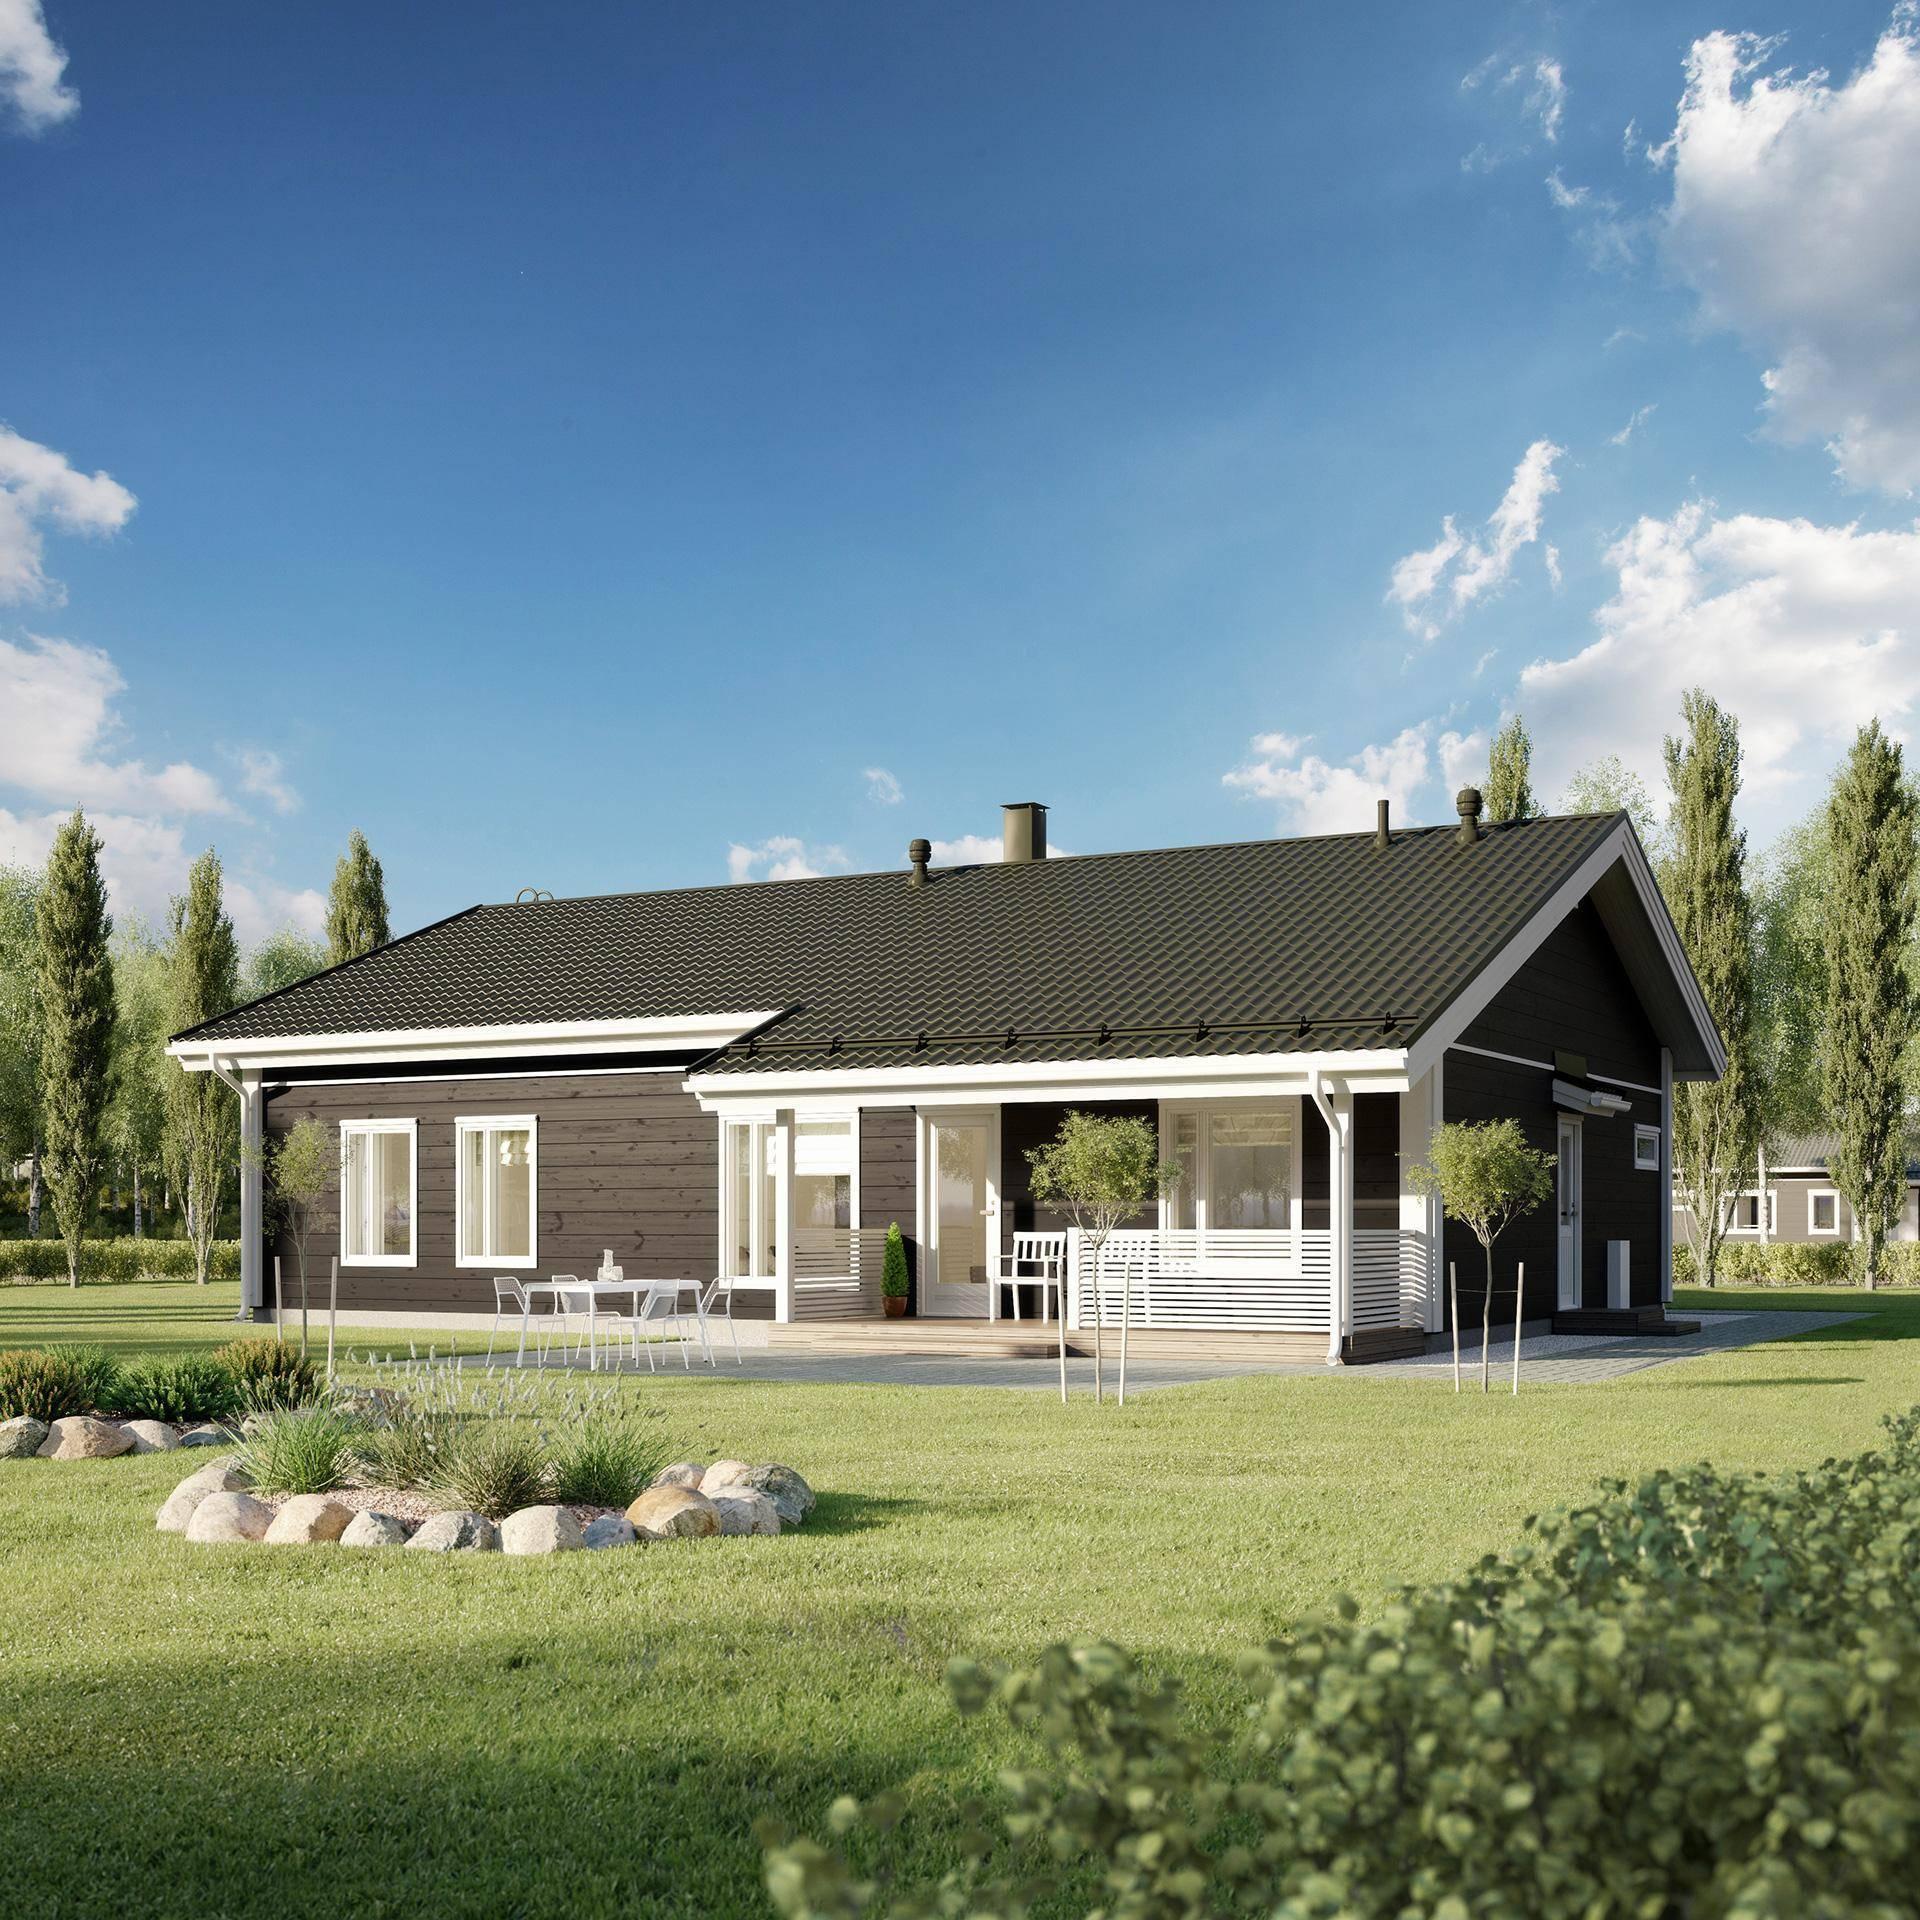 Финские дома: фото, видео, проекты финских домов, особенности технологии